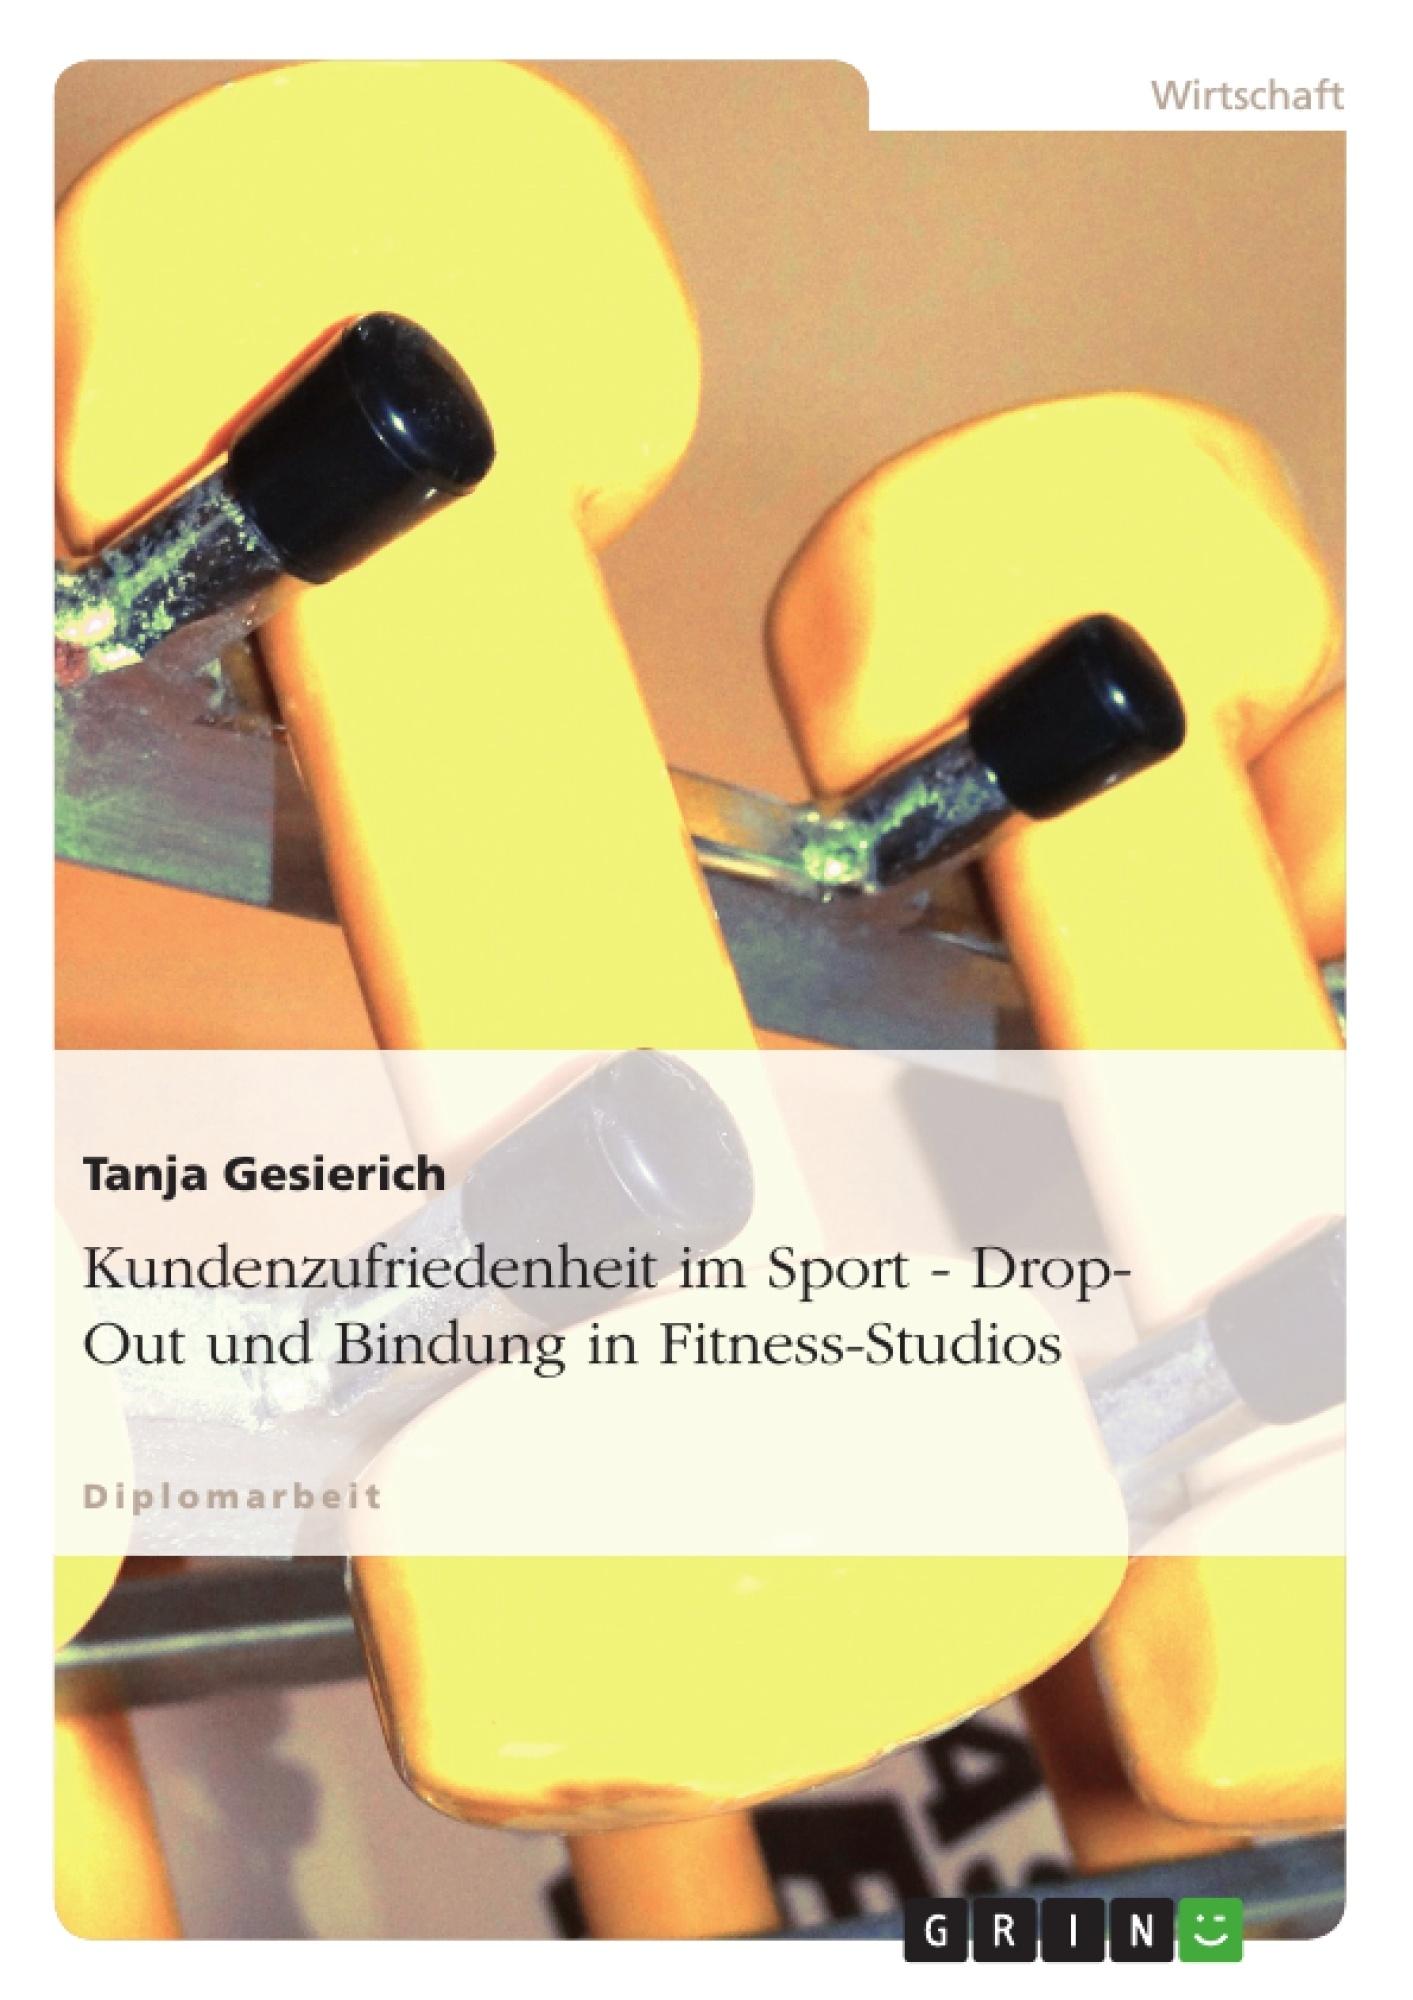 Titel: Kundenzufriedenheit im Sport: Drop-Out und Bindung in Fitness-Studios